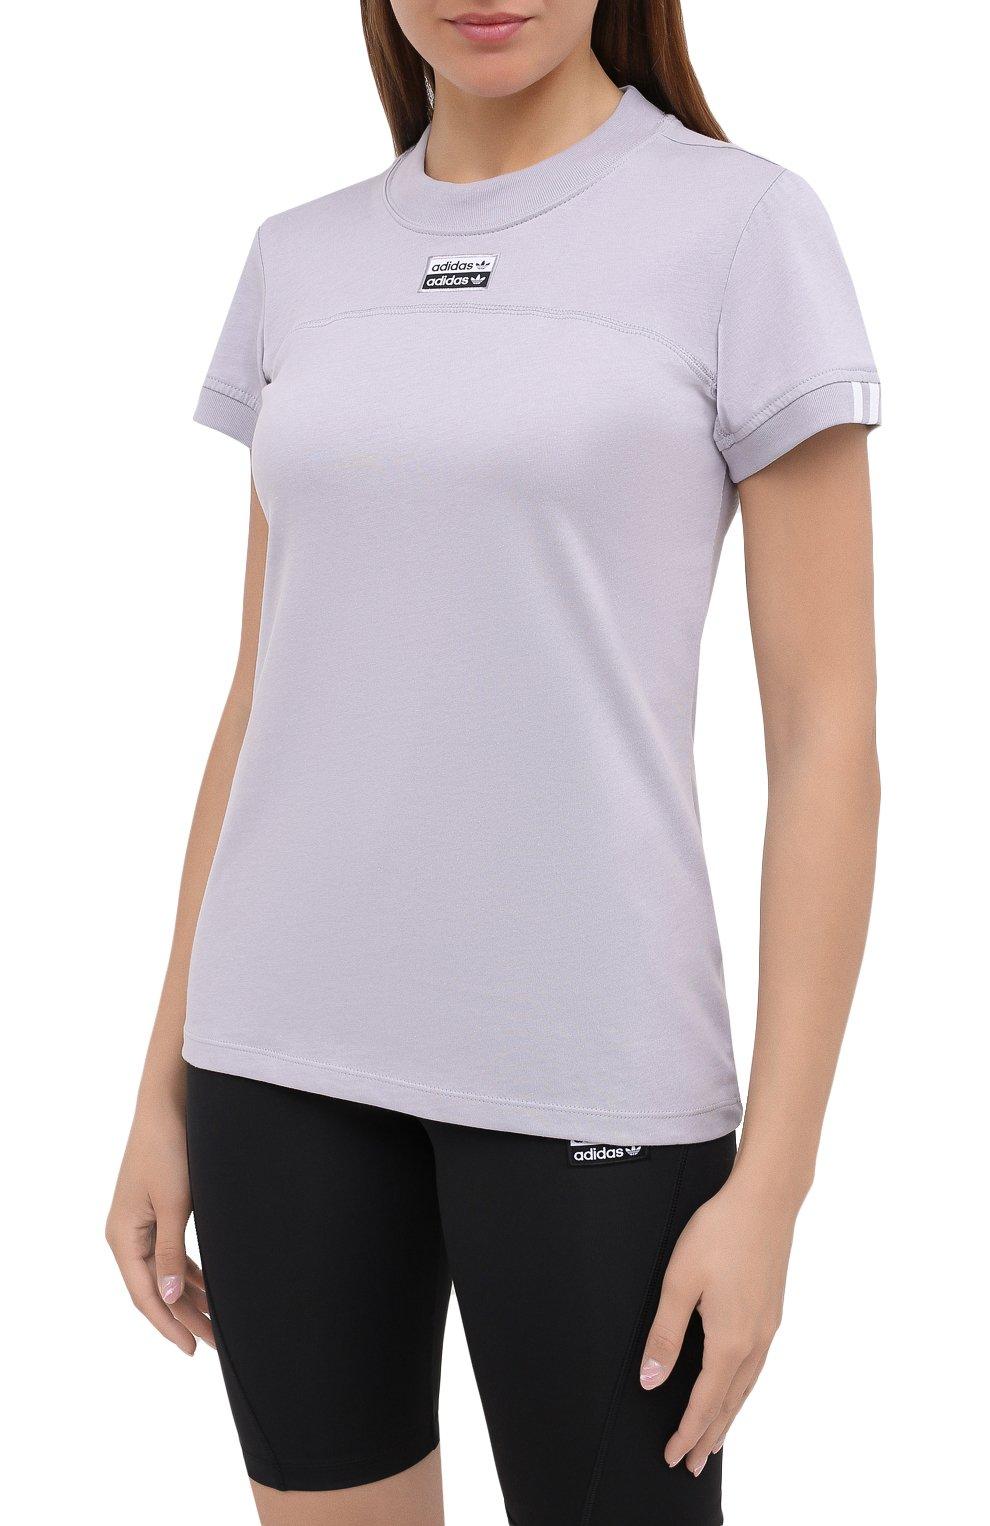 Женская хлопковая футболка ADIDAS ORIGINALS сиреневого цвета, арт. GD3805   Фото 3 (Женское Кросс-КТ: Футболка-спорт, Футболка-одежда; Рукава: Короткие; Кросс-КТ: Спорт; Длина (для топов): Стандартные; Принт: С принтом; Материал внешний: Хлопок; Стили: Спорт)